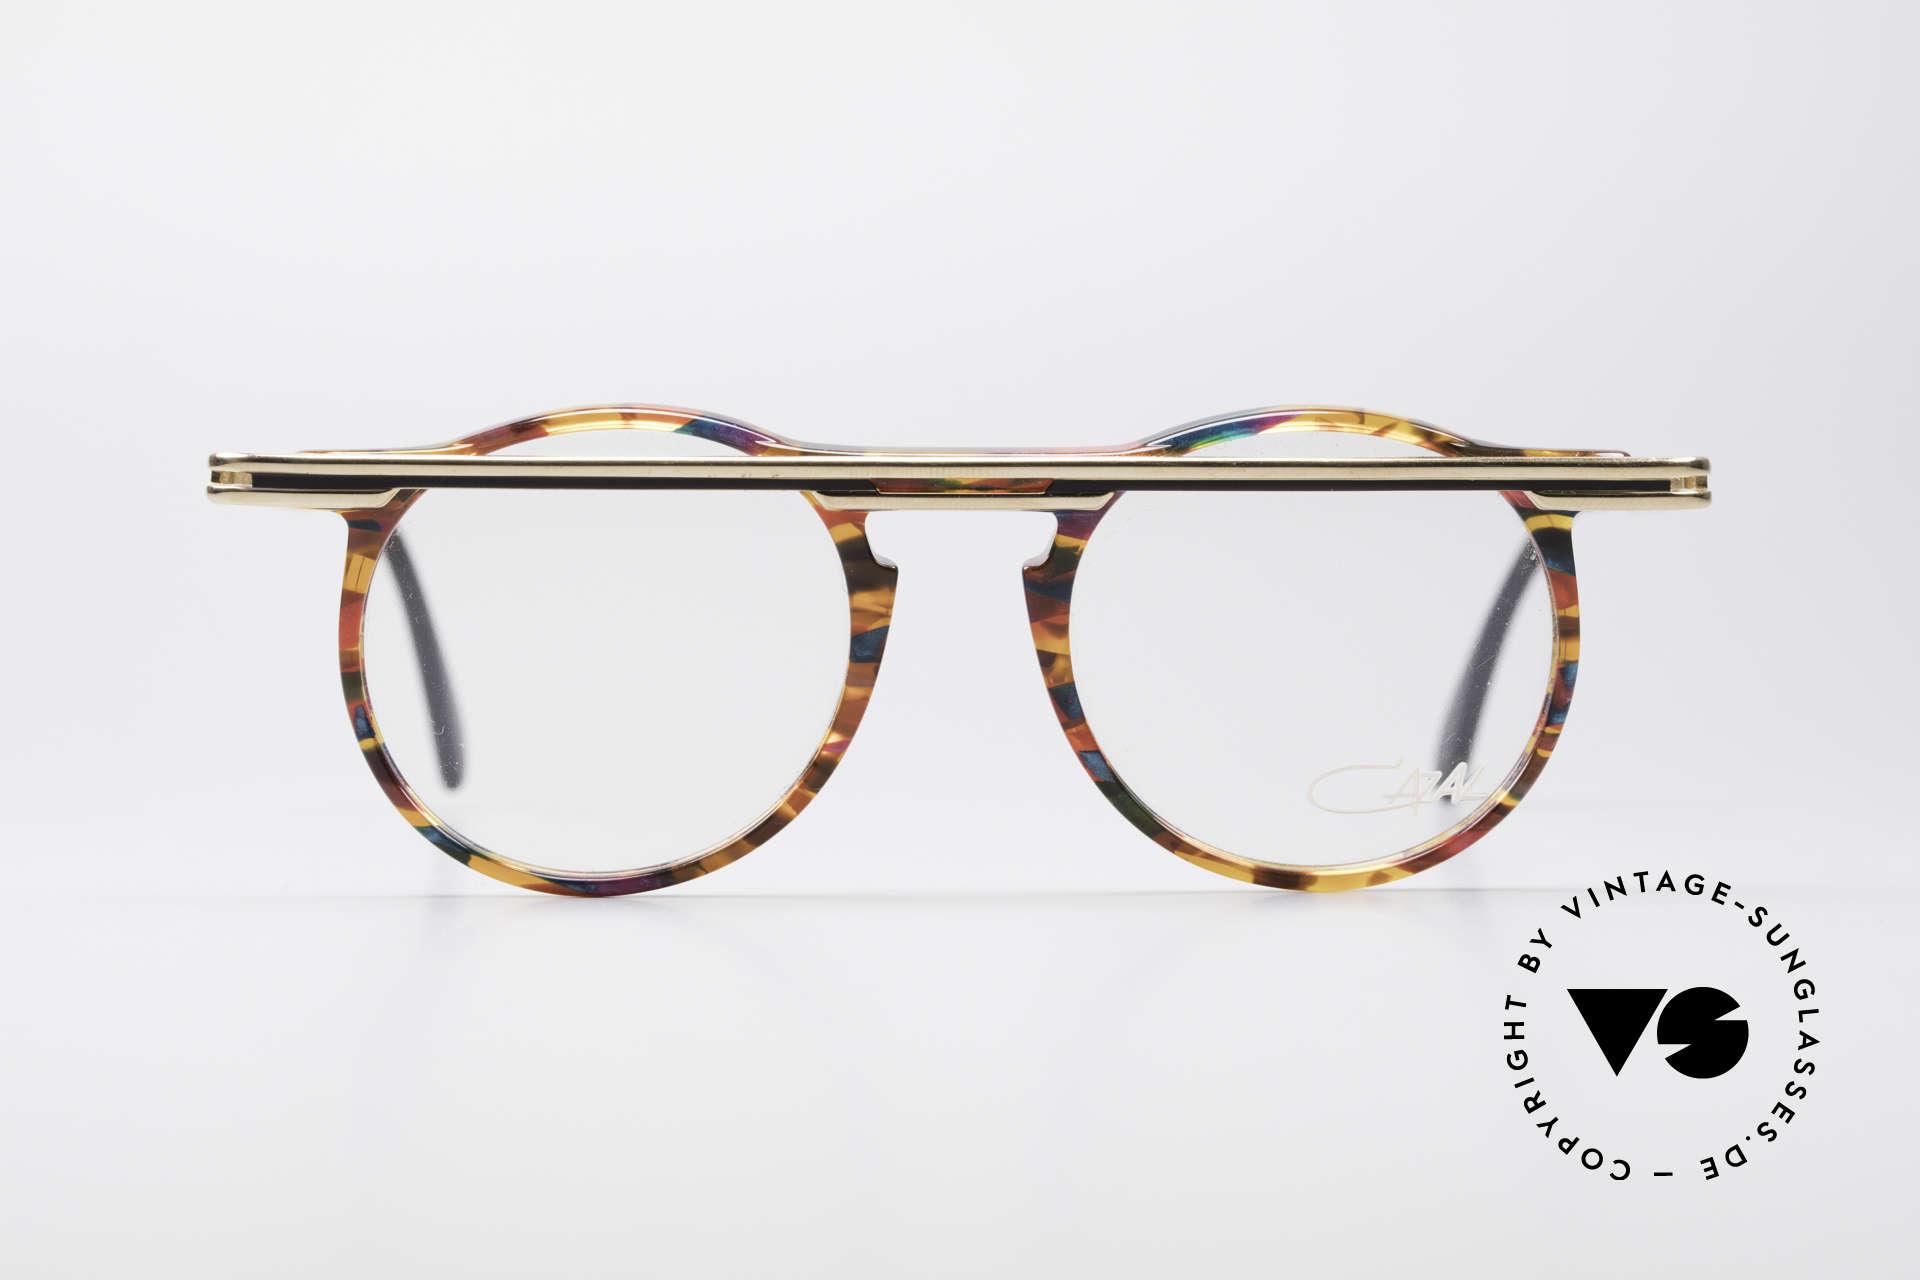 Cazal 648 Original Cari Zalloni Brille, vom Designer Cari Zalloni getragen (siehe Booklet), Passend für Herren und Damen